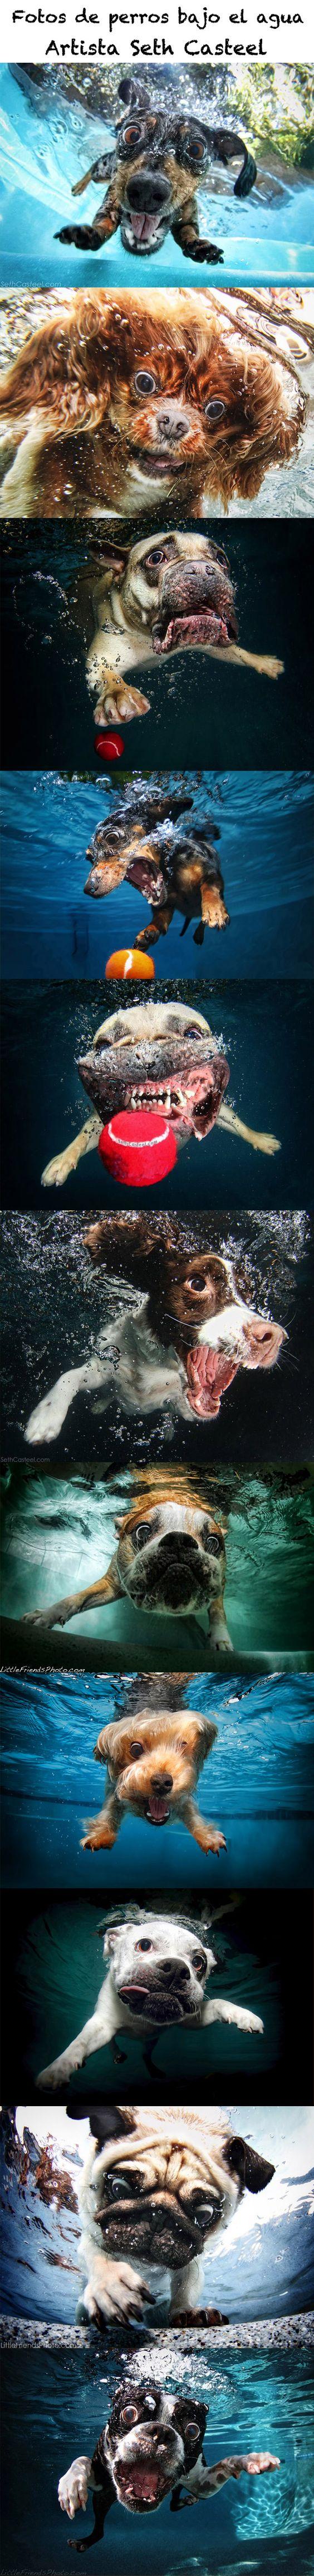 Fotos de perros bajo el agua  Artista Seth Casteel.